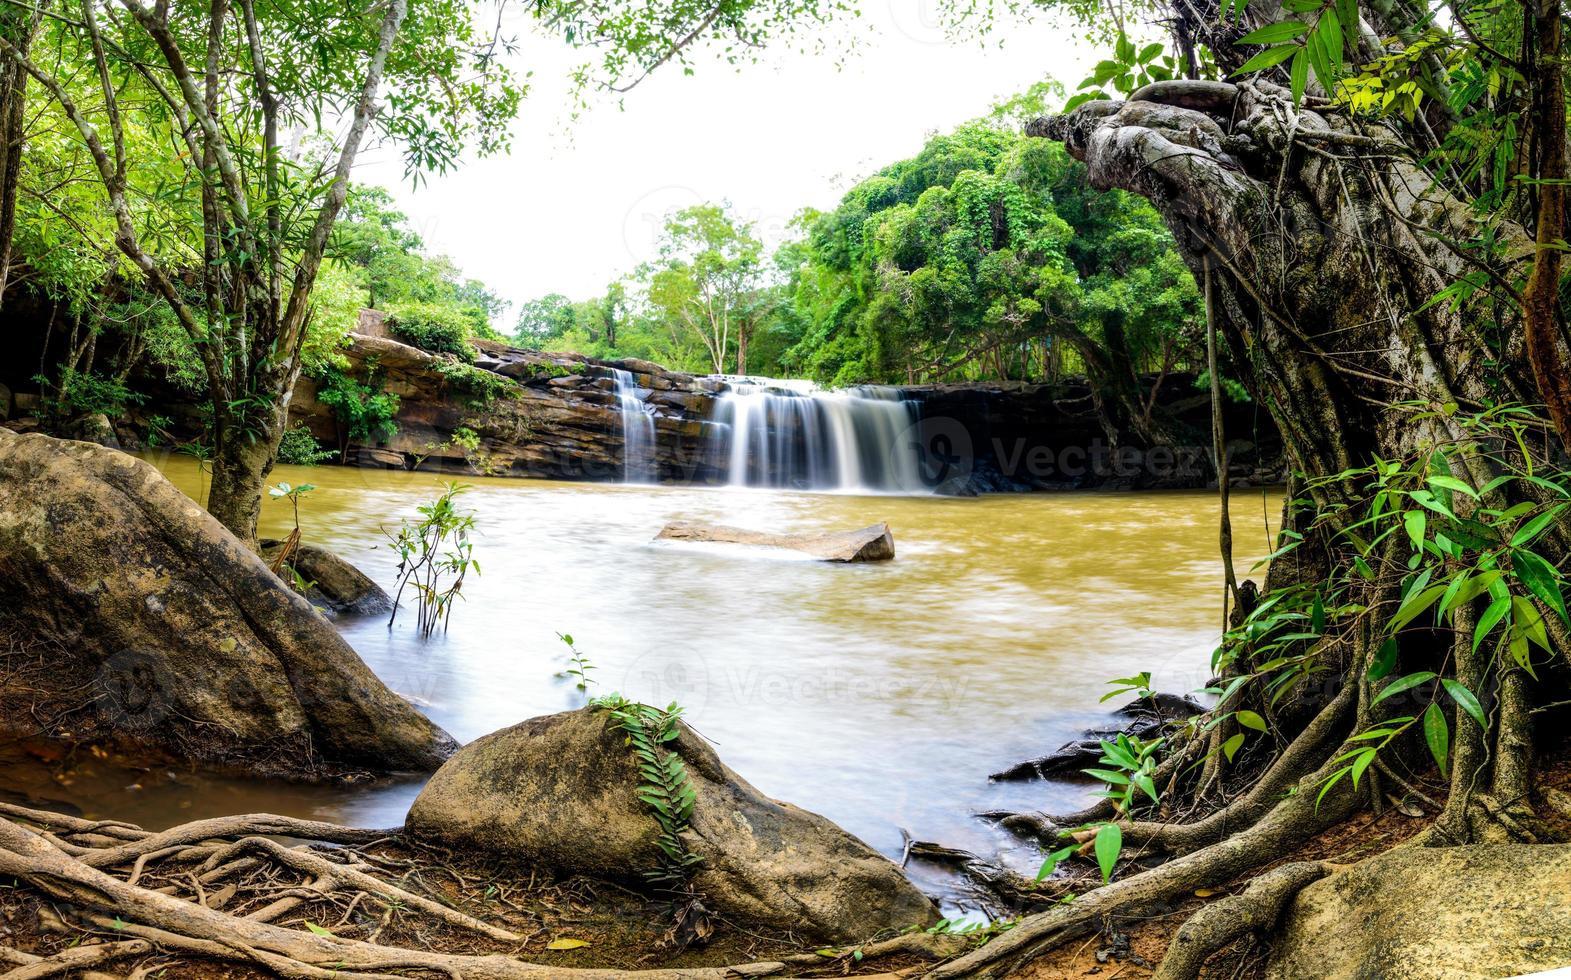 Wang Yai Waterfall photo